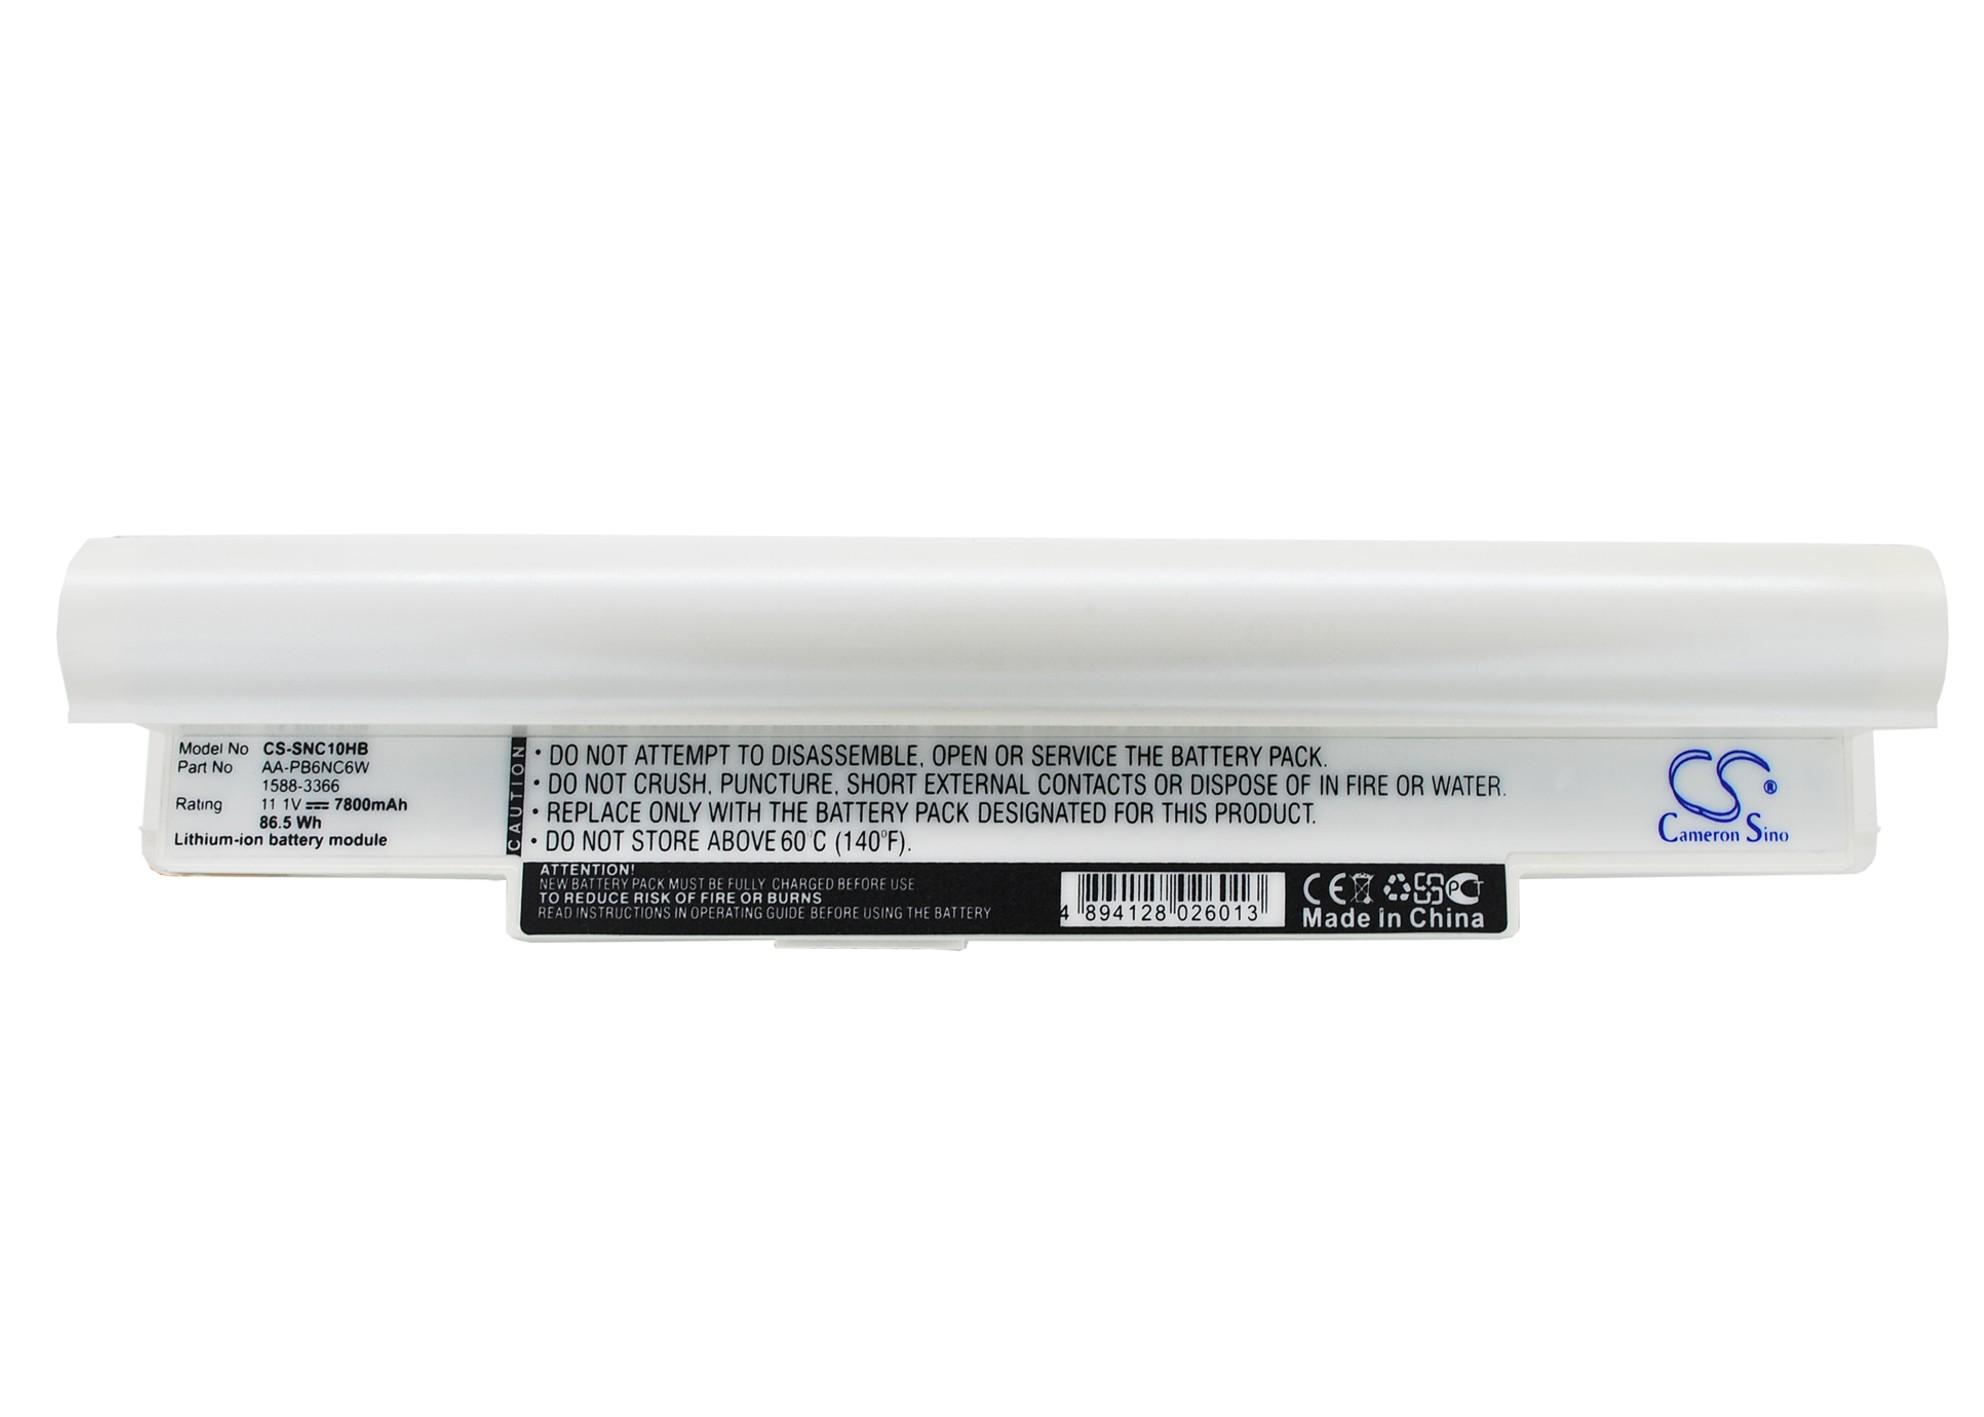 Cameron Sino baterie do notebooků pro SAMSUNG NP-NC20-anyNet U2250WBT 11.1V Li-ion 7800mAh bílá - neoriginální